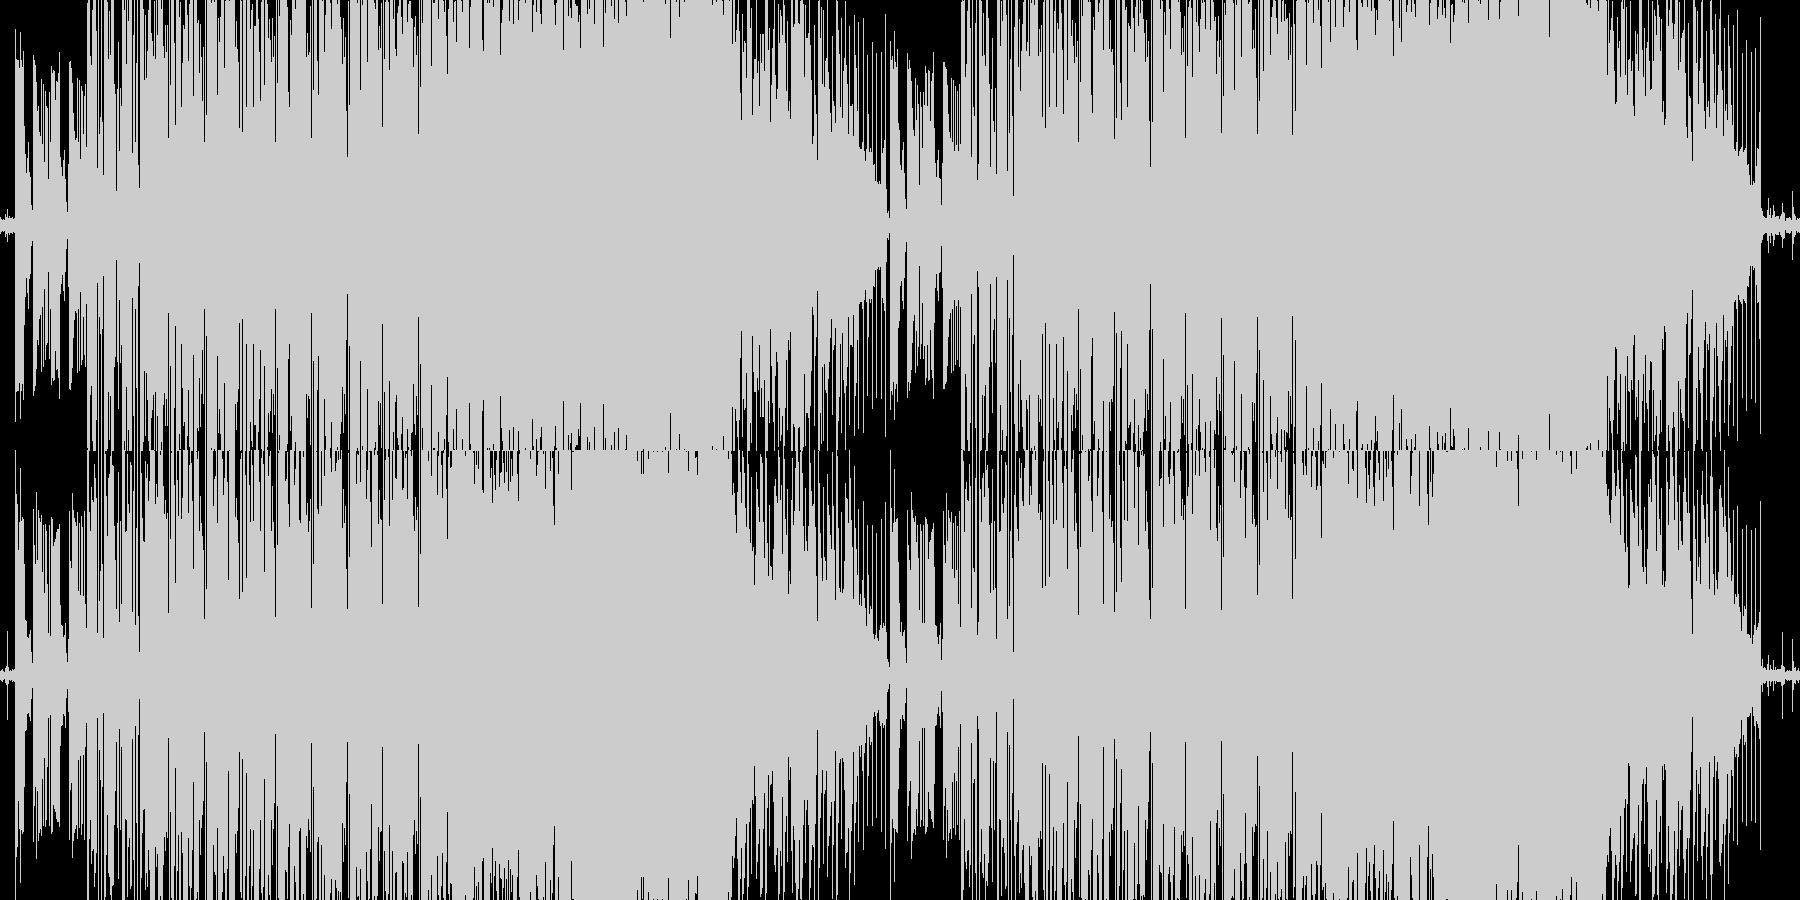 優しく切ないローファイブレイクスの未再生の波形